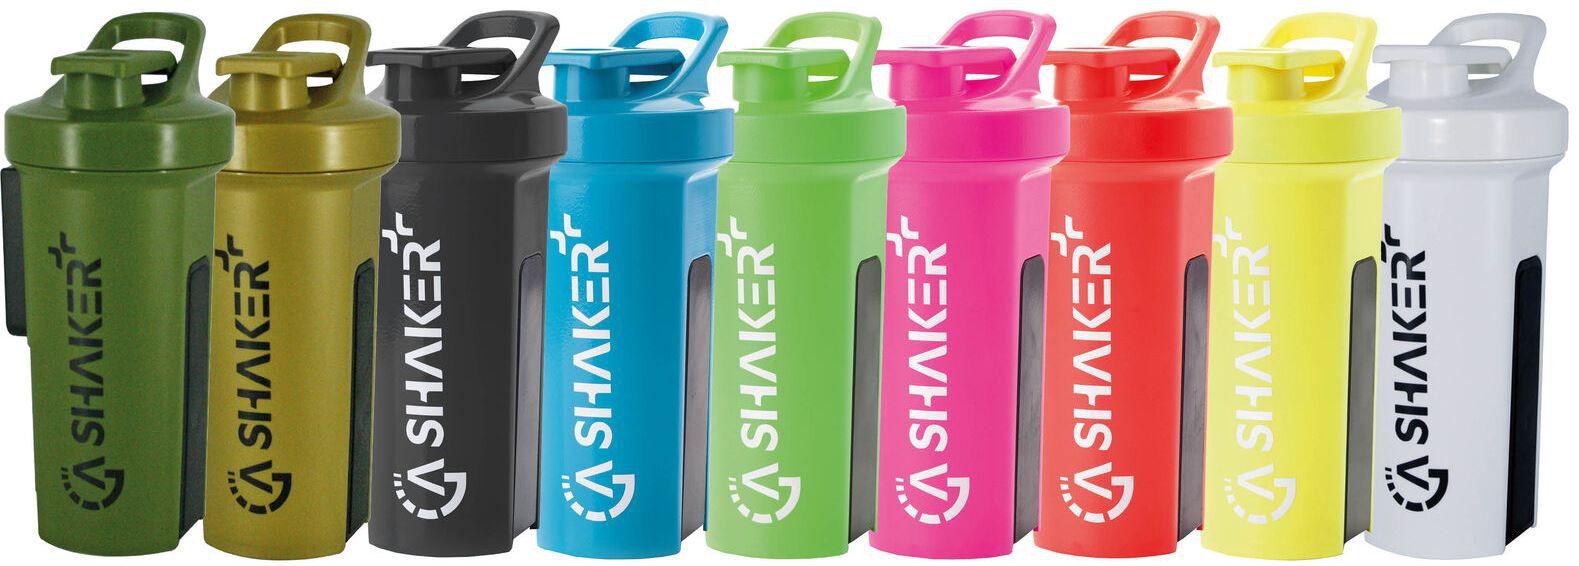 GA Shaker+ Das Original:  Protein Shaker 1000ml Trinkflasche mit Zusatzfunktionen für 21,50€ (statt 26€)